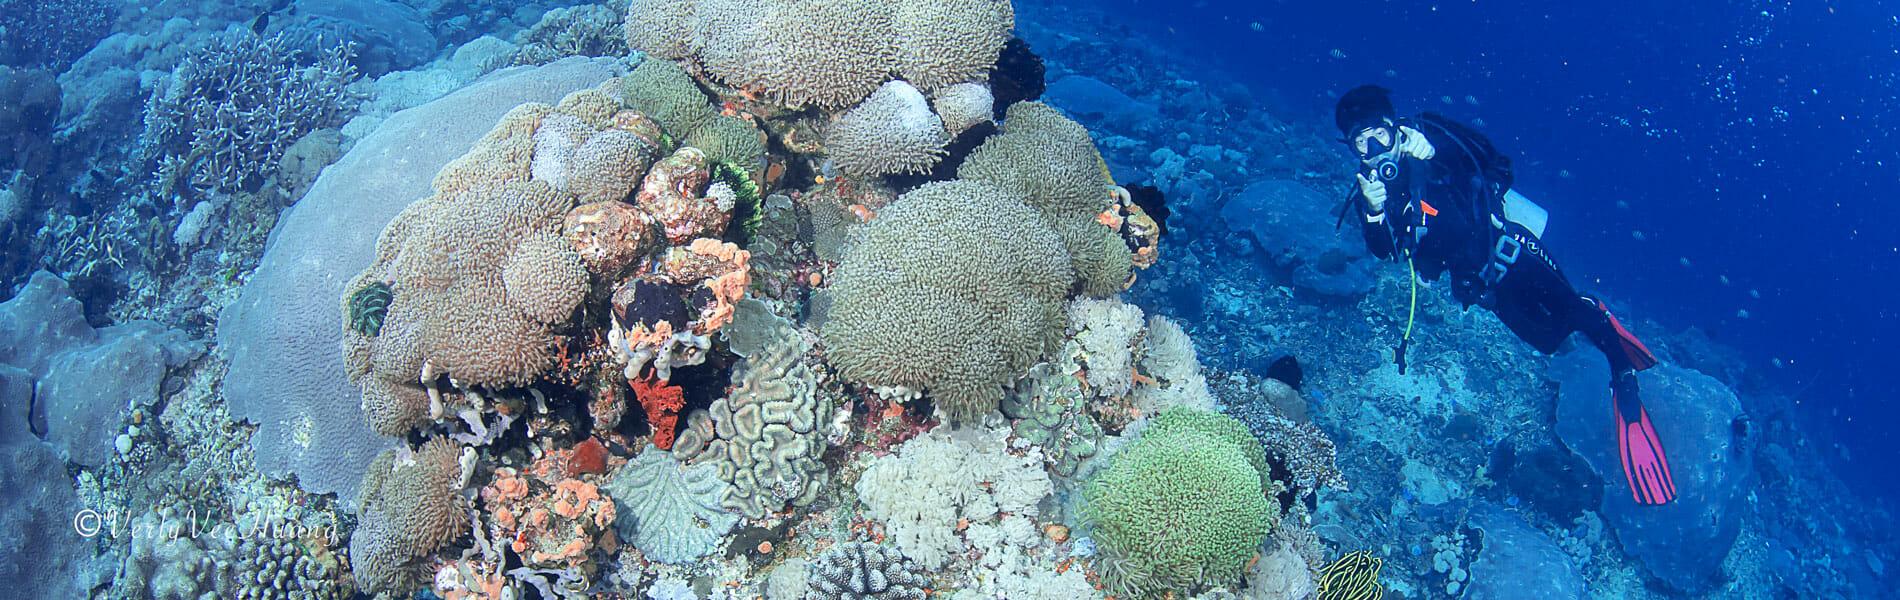 Diving in Nusa Penida Bali - Drift Diving Bali